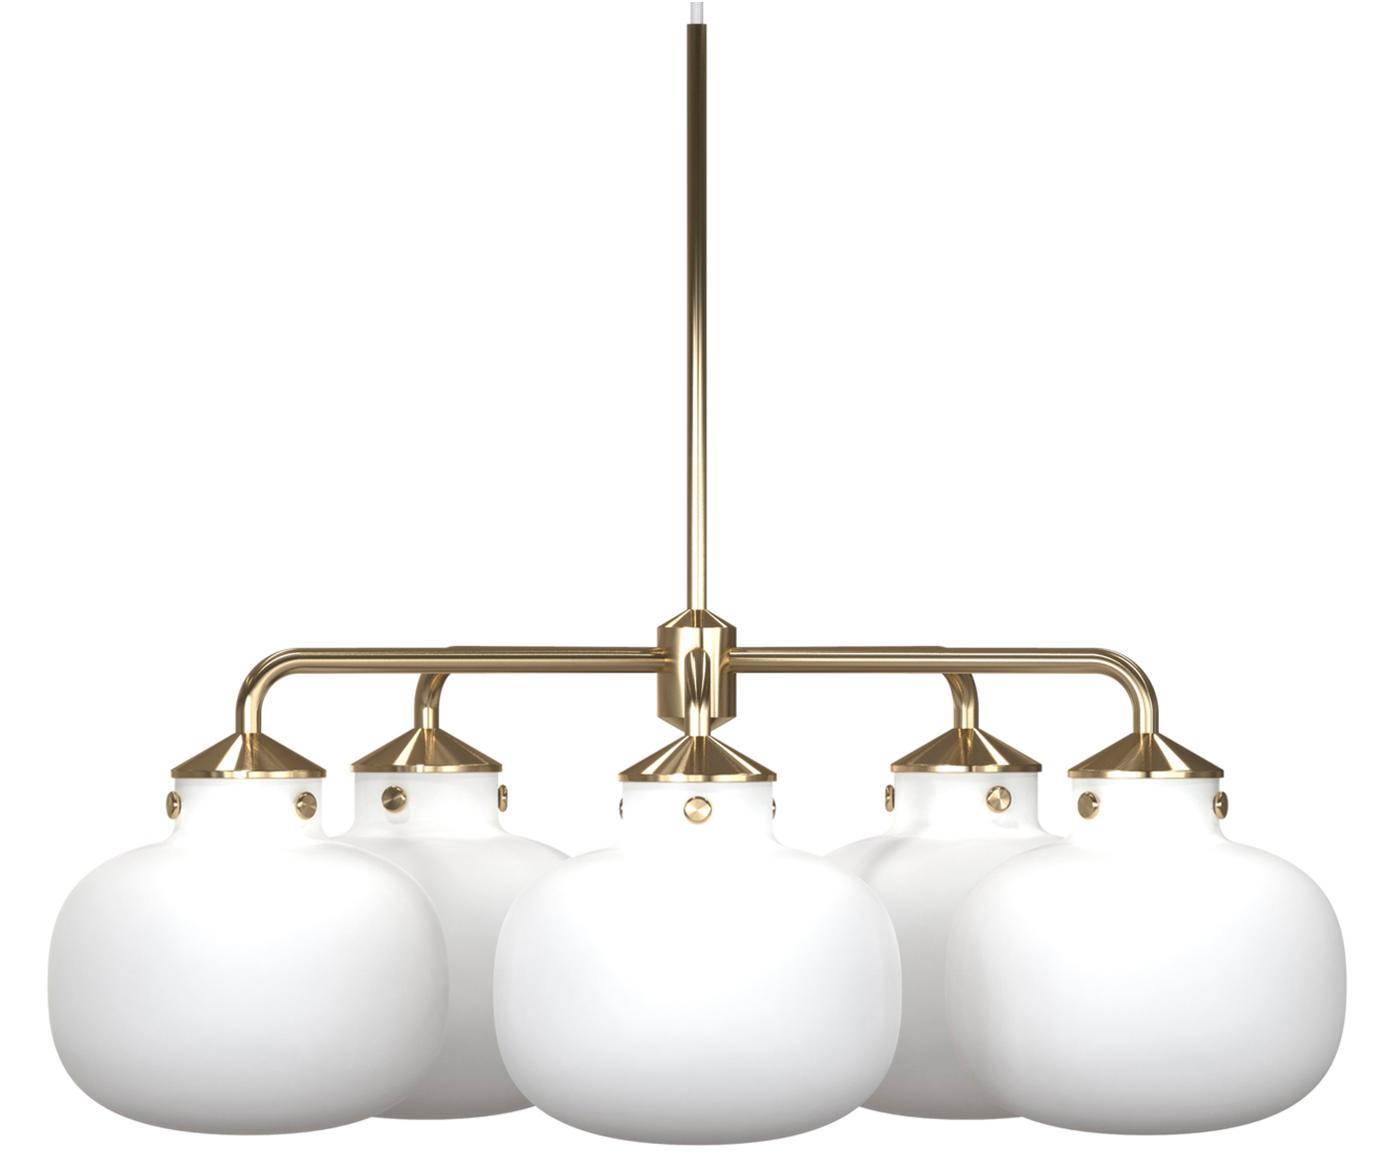 Lámpara de techo Raito, Vidrio opalino, metal, Blanco opalino, latón, Ø 67 x Al 55 cm